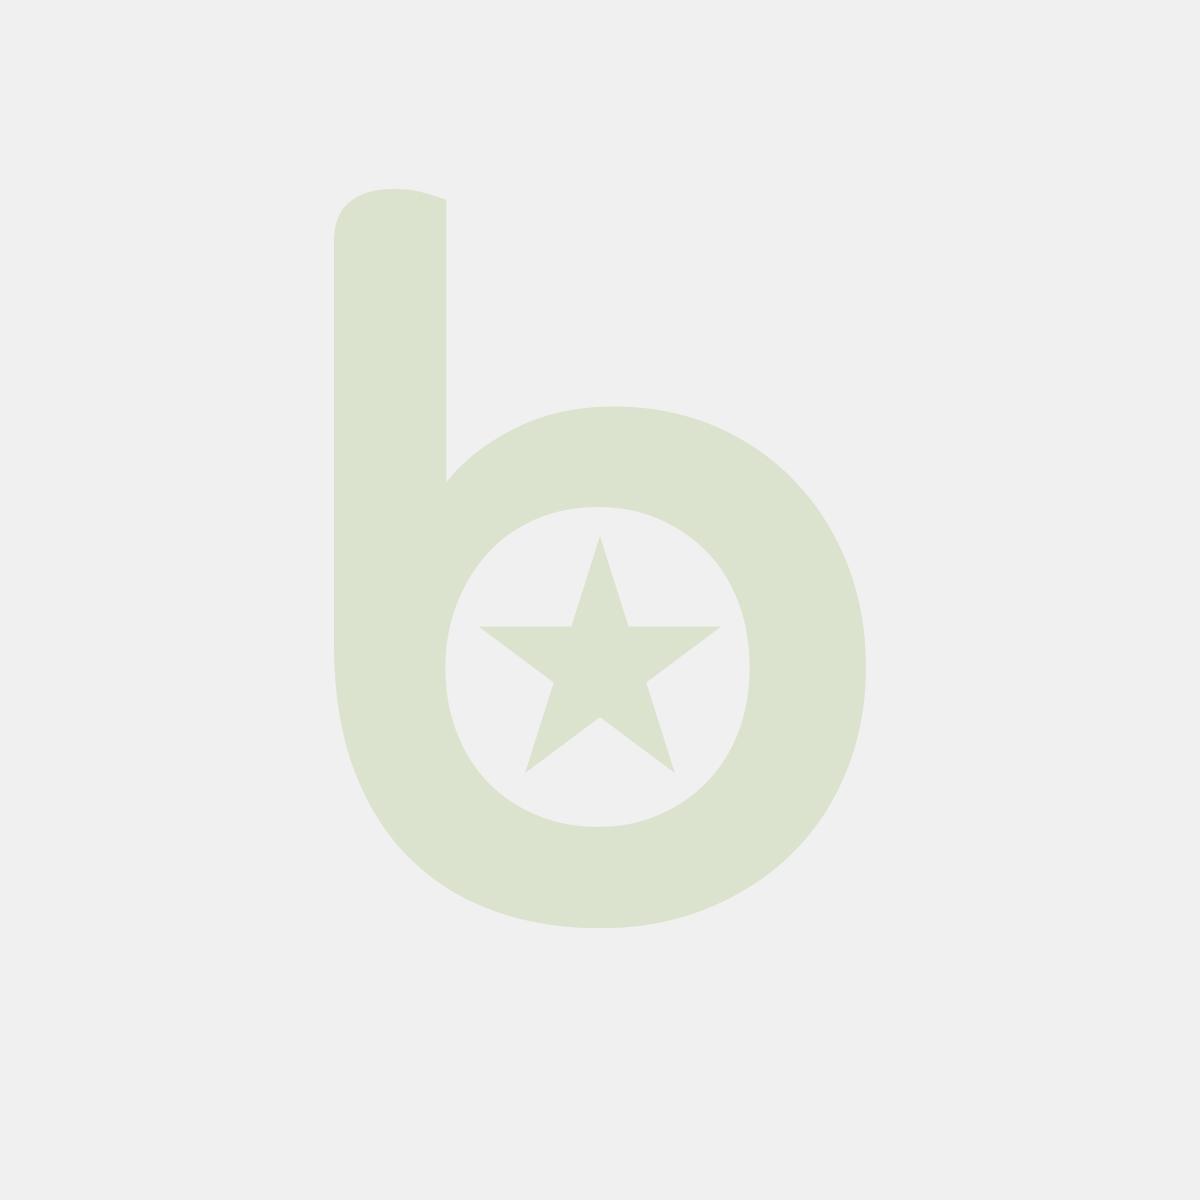 Pojemnik do zgrzewu czarny K 180/35, czarny, 180x180x35, cena za opakowanie 100szt